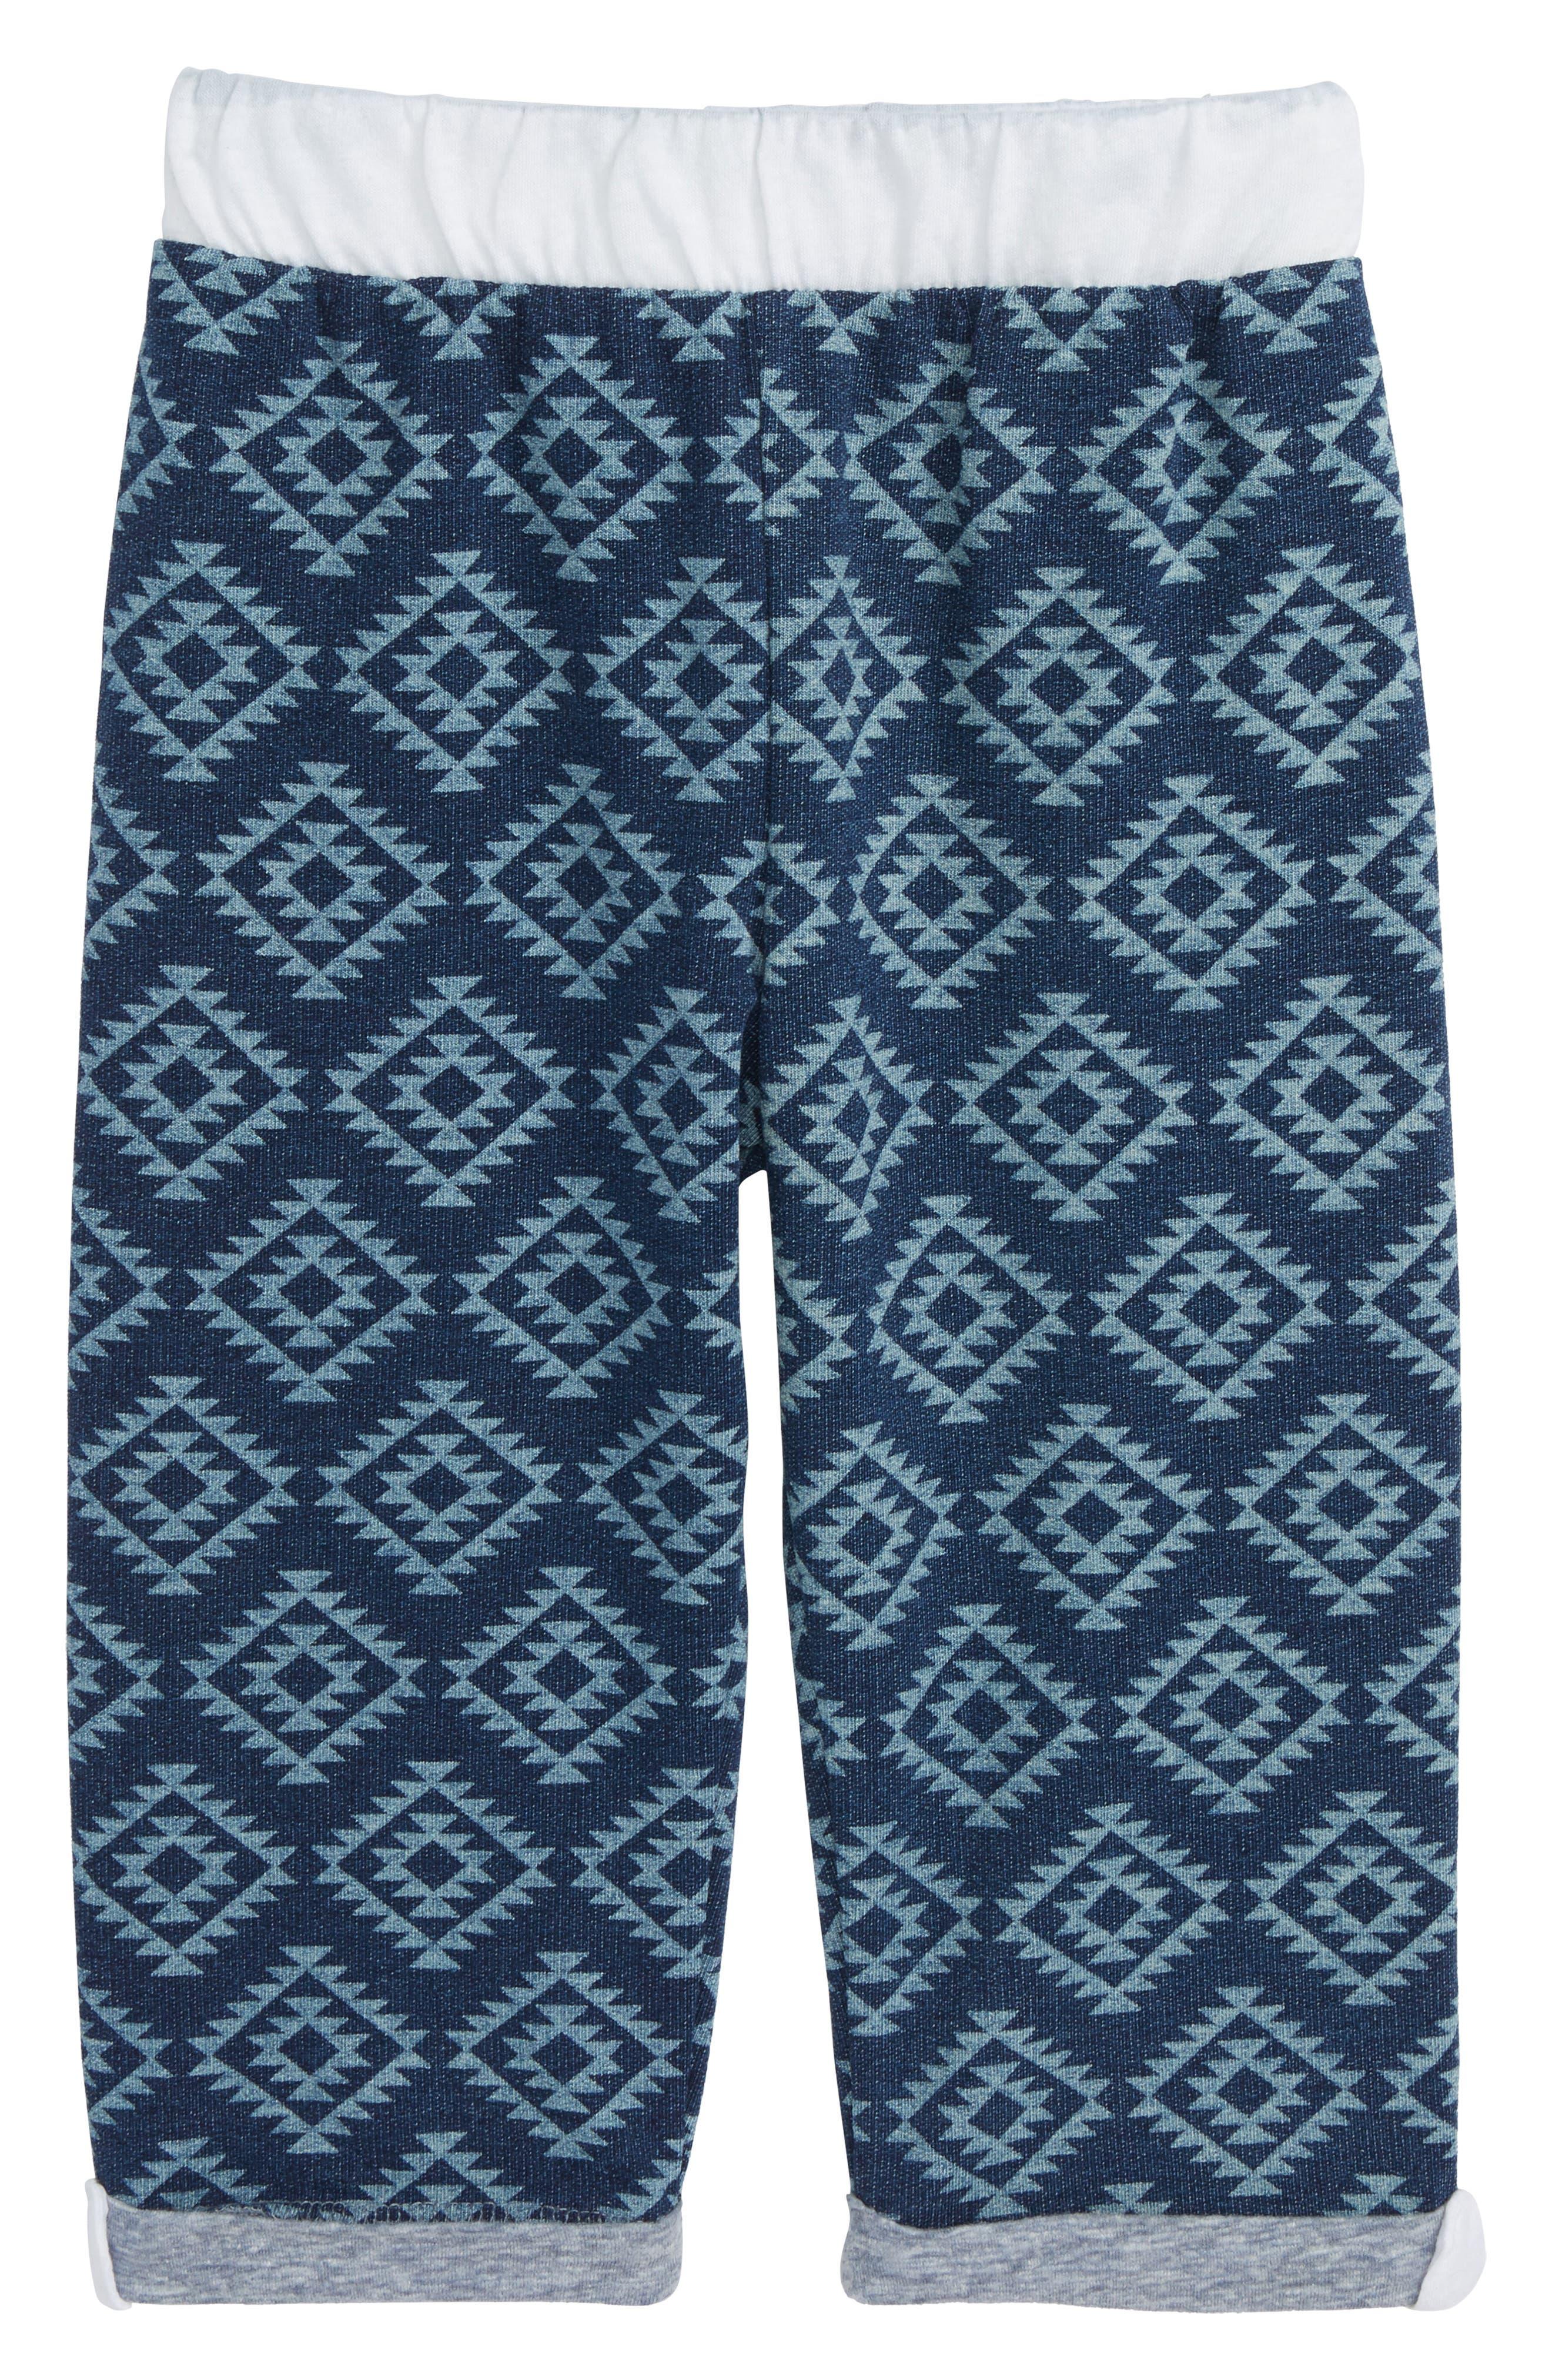 Brody Print Knit Shorts,                         Main,                         color, 410